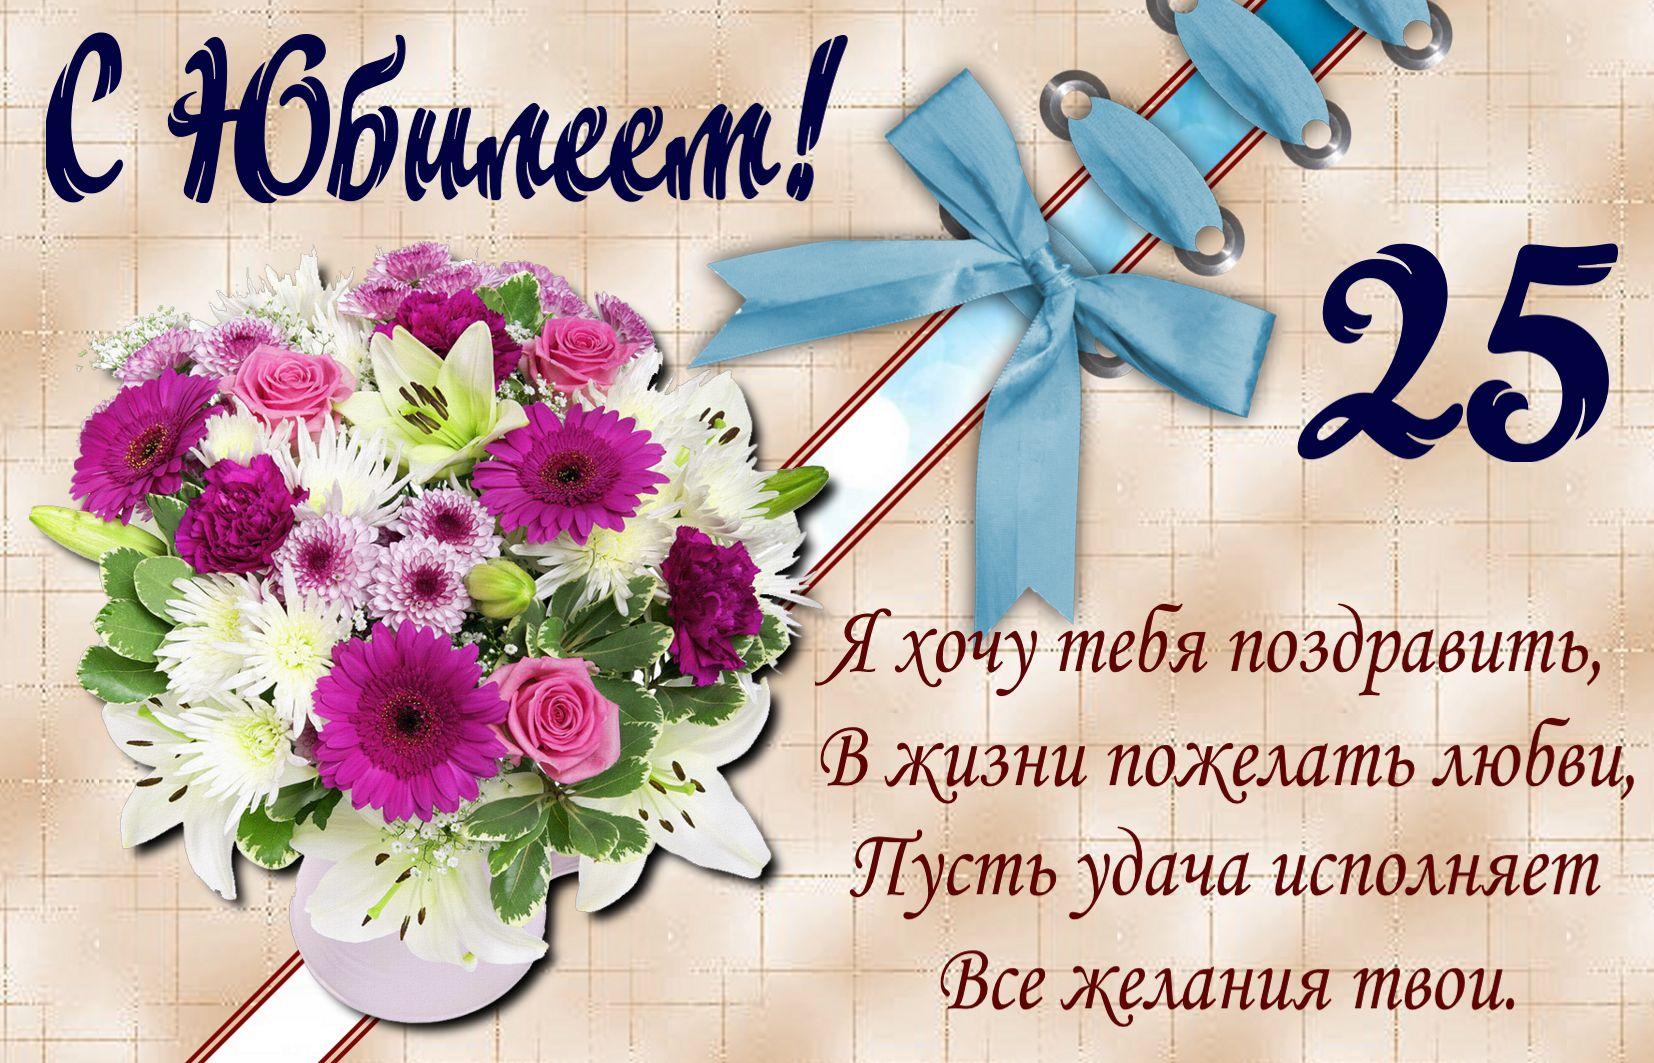 С днём рождения женщине цветы картинки красивые